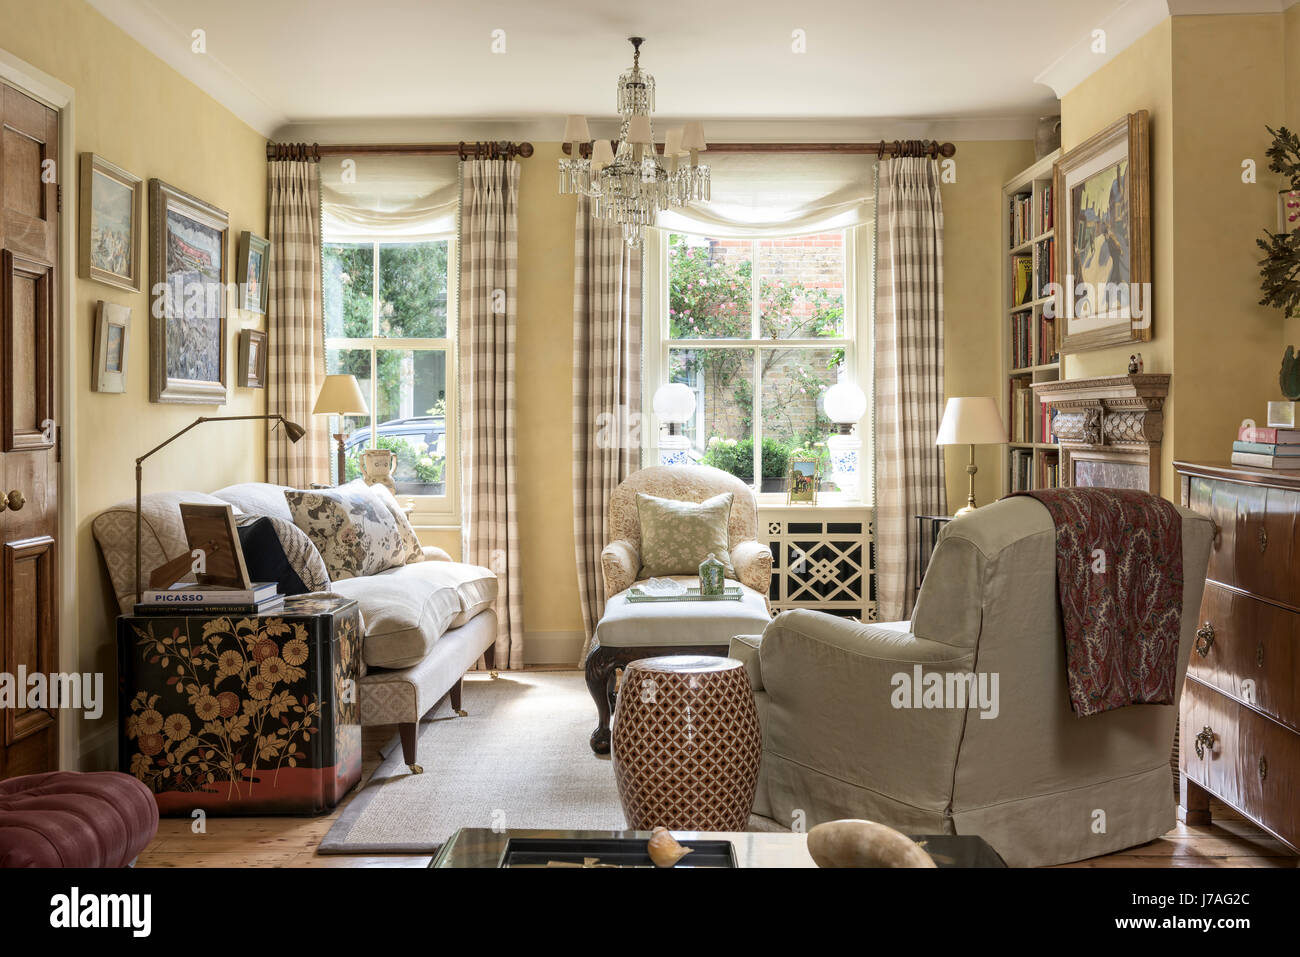 Englische Wohnzimmer Bilder Hinreisend Kleiner Wohnzimmerschrank